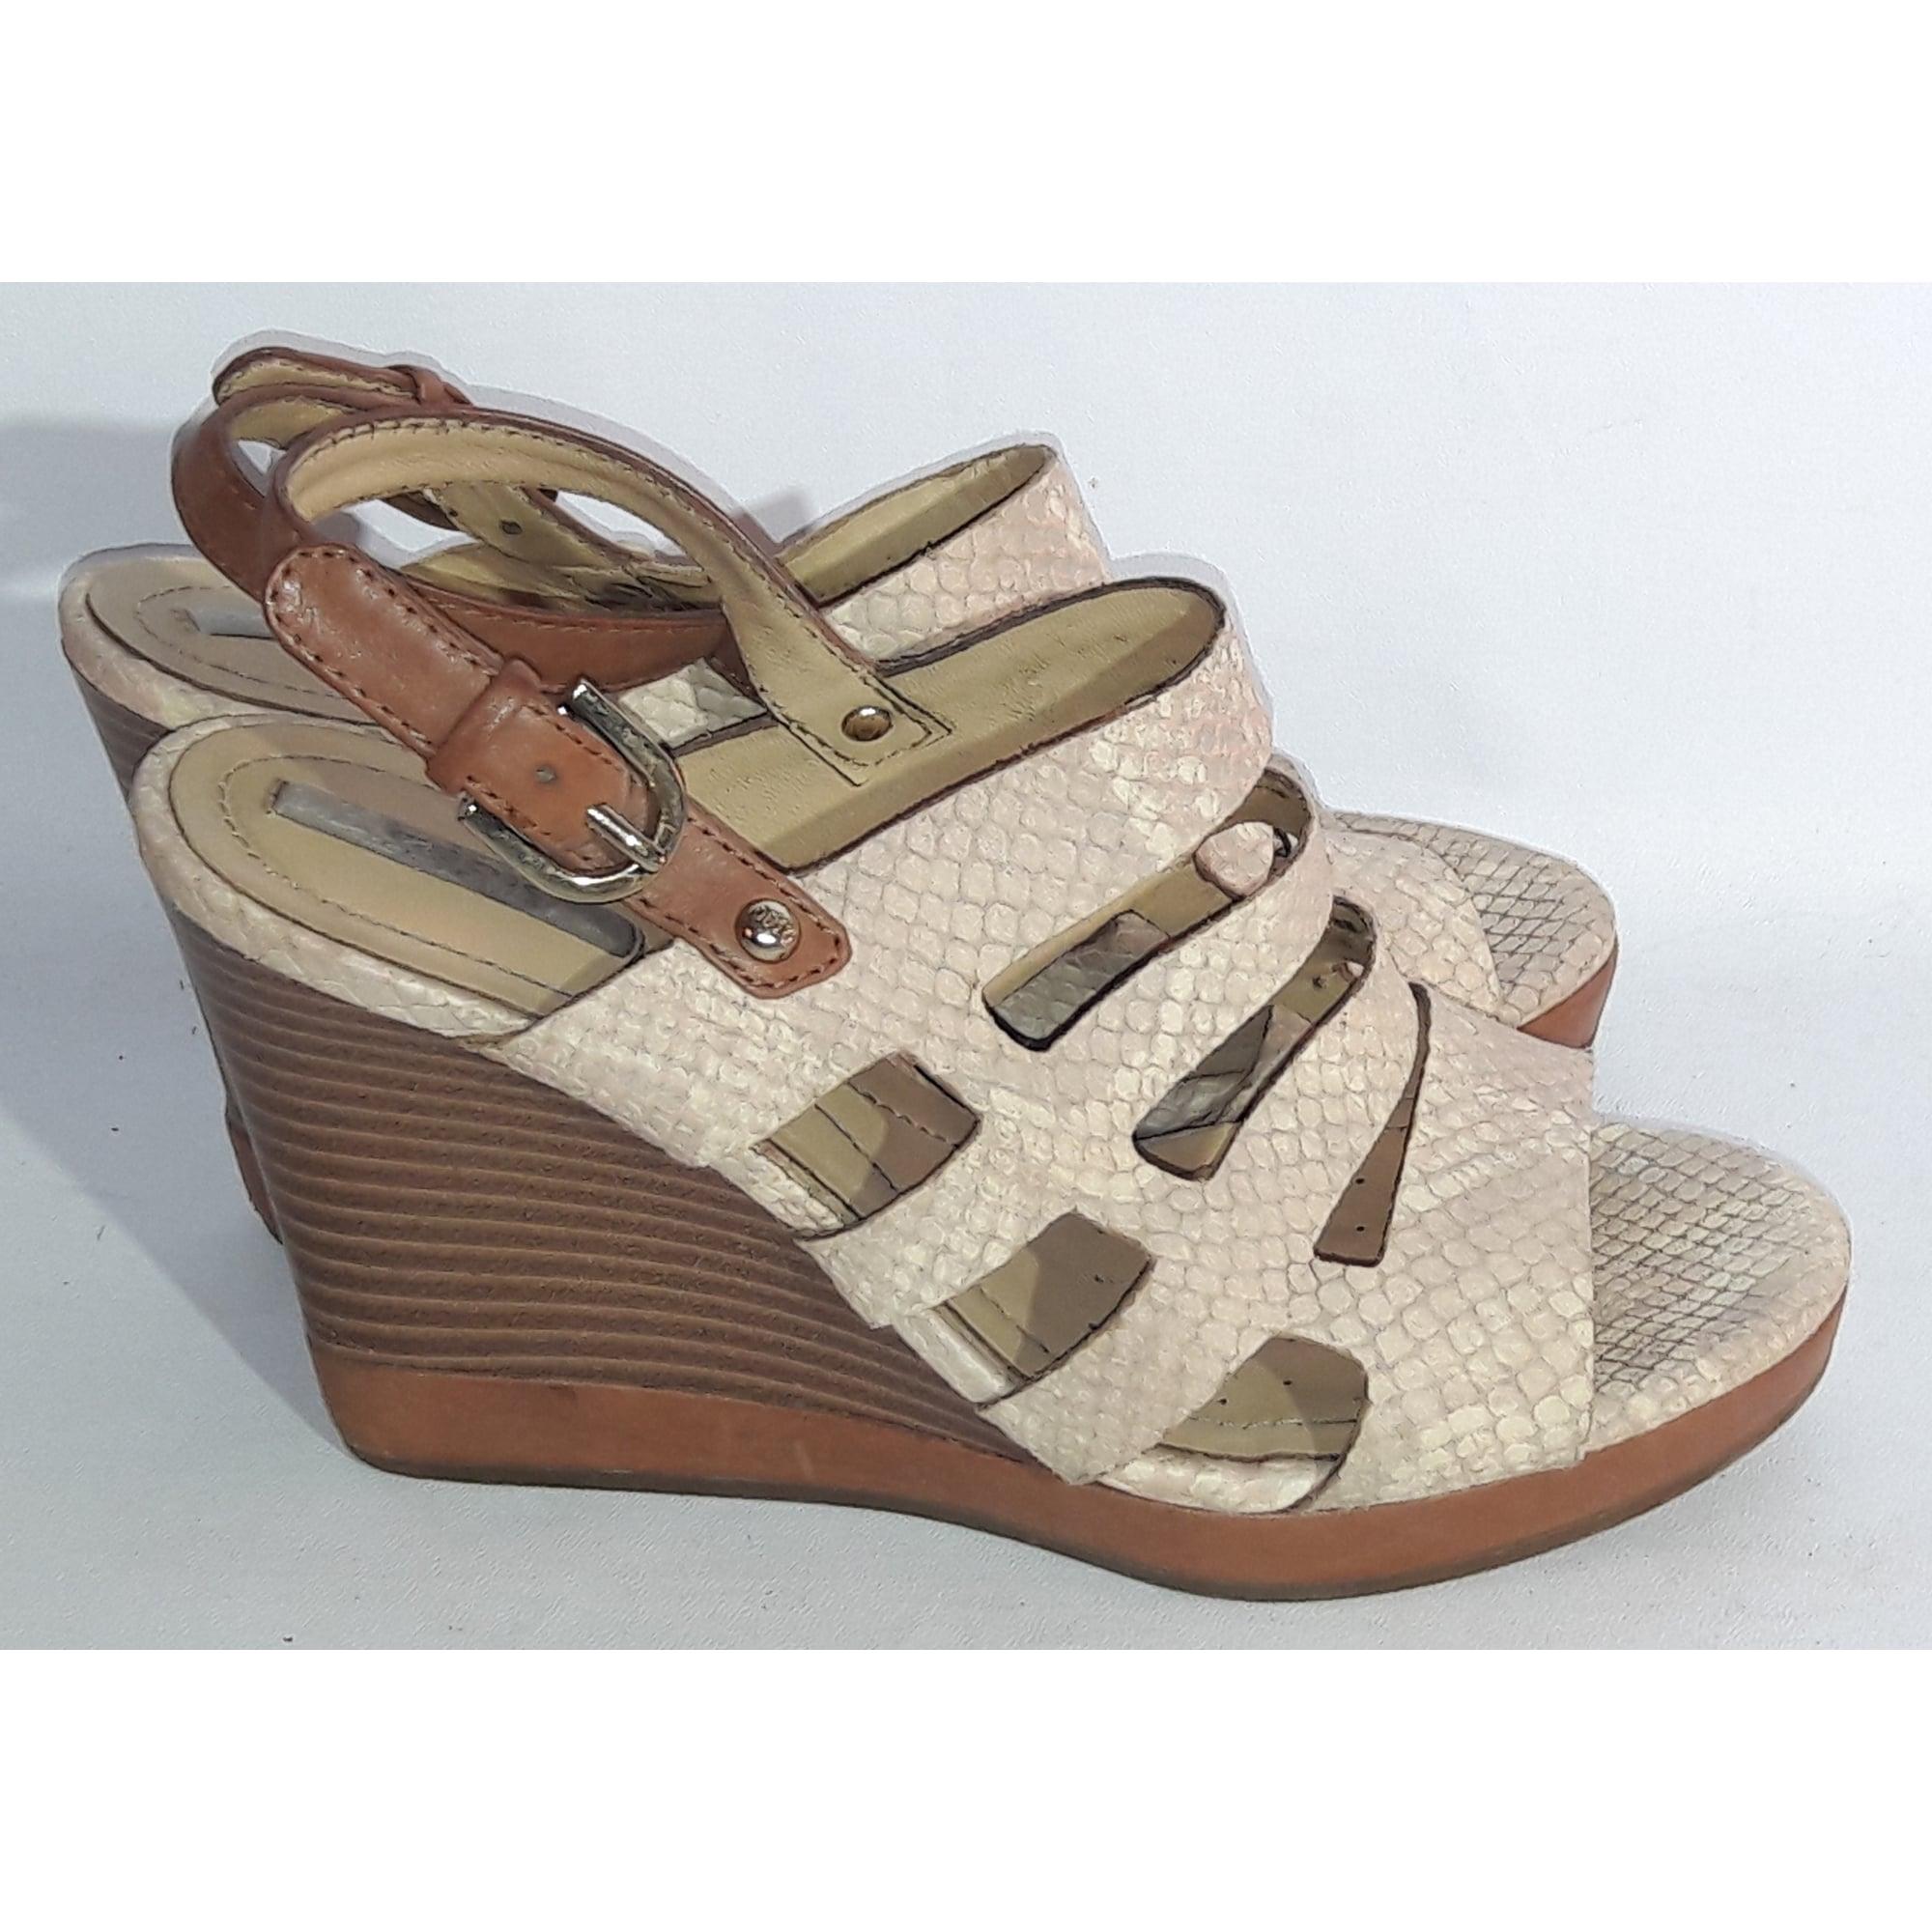 Sandales compensées GEOX 36 beige - 5198364 719cba15d483